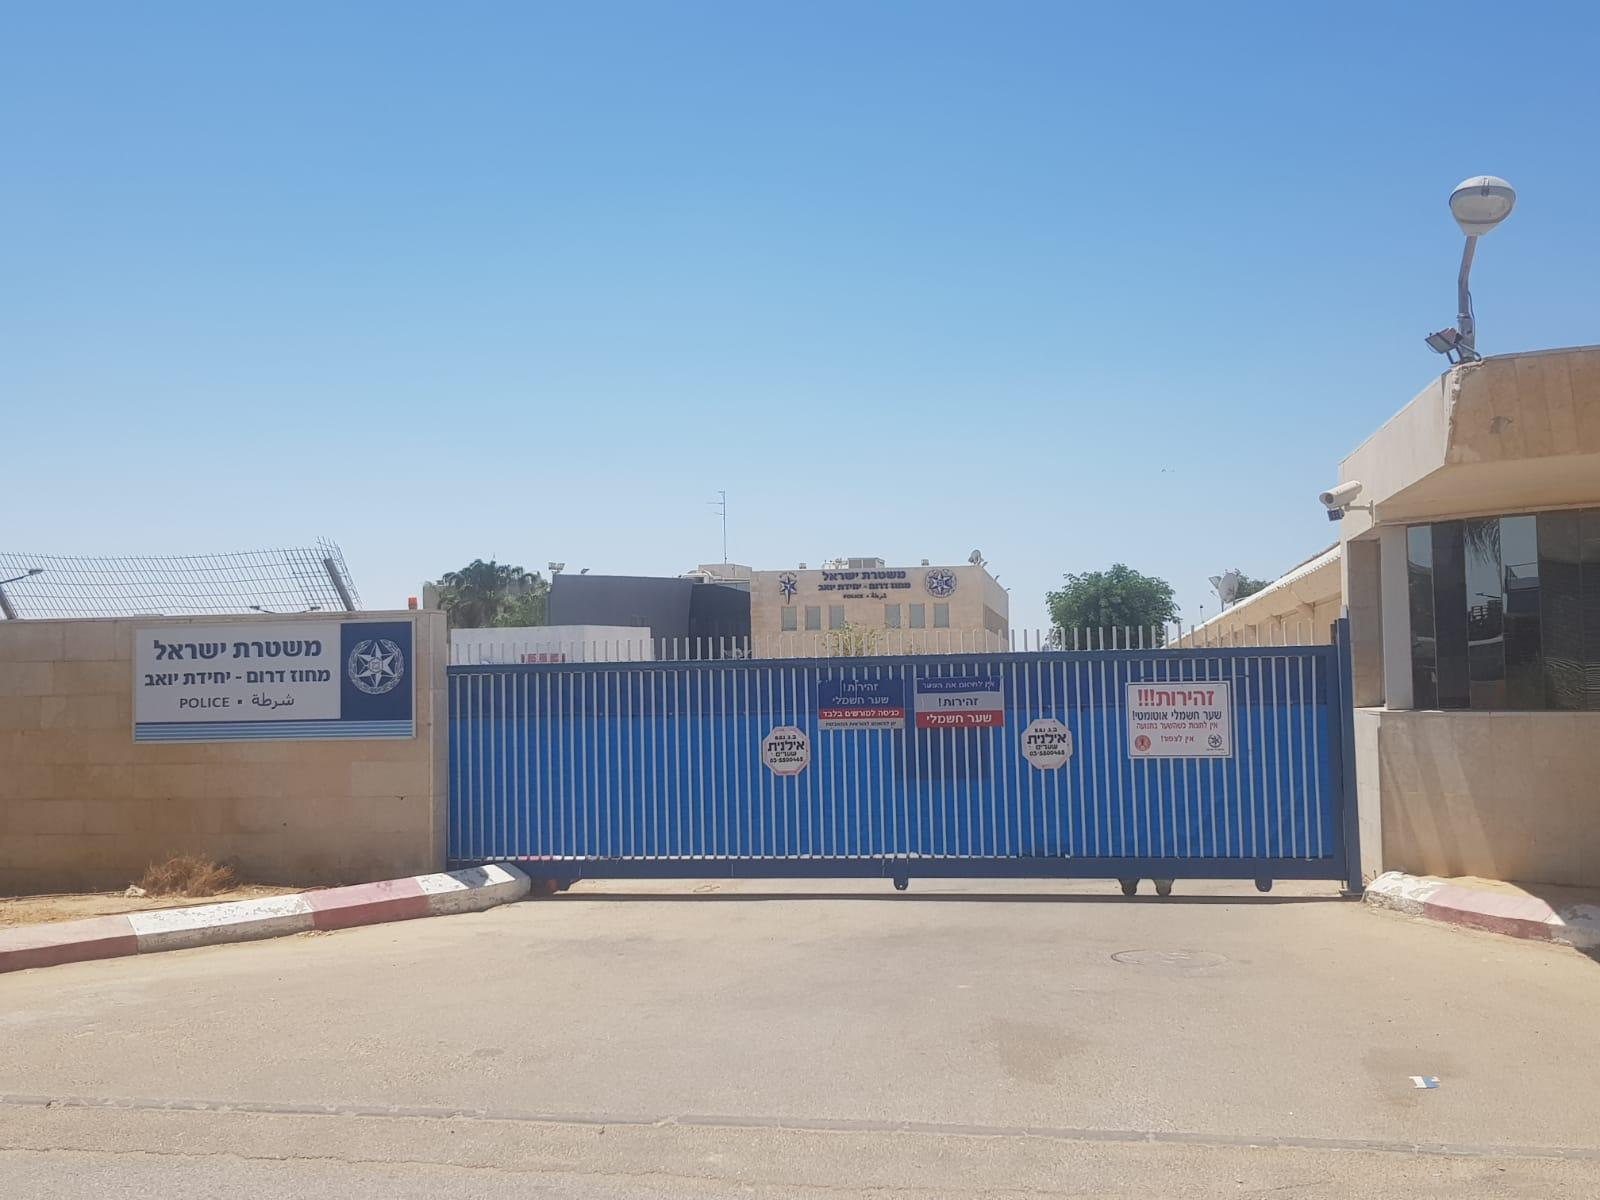 بعد يومين من تحريره: إبعاد الطوري 15 يوما عن العراقيب